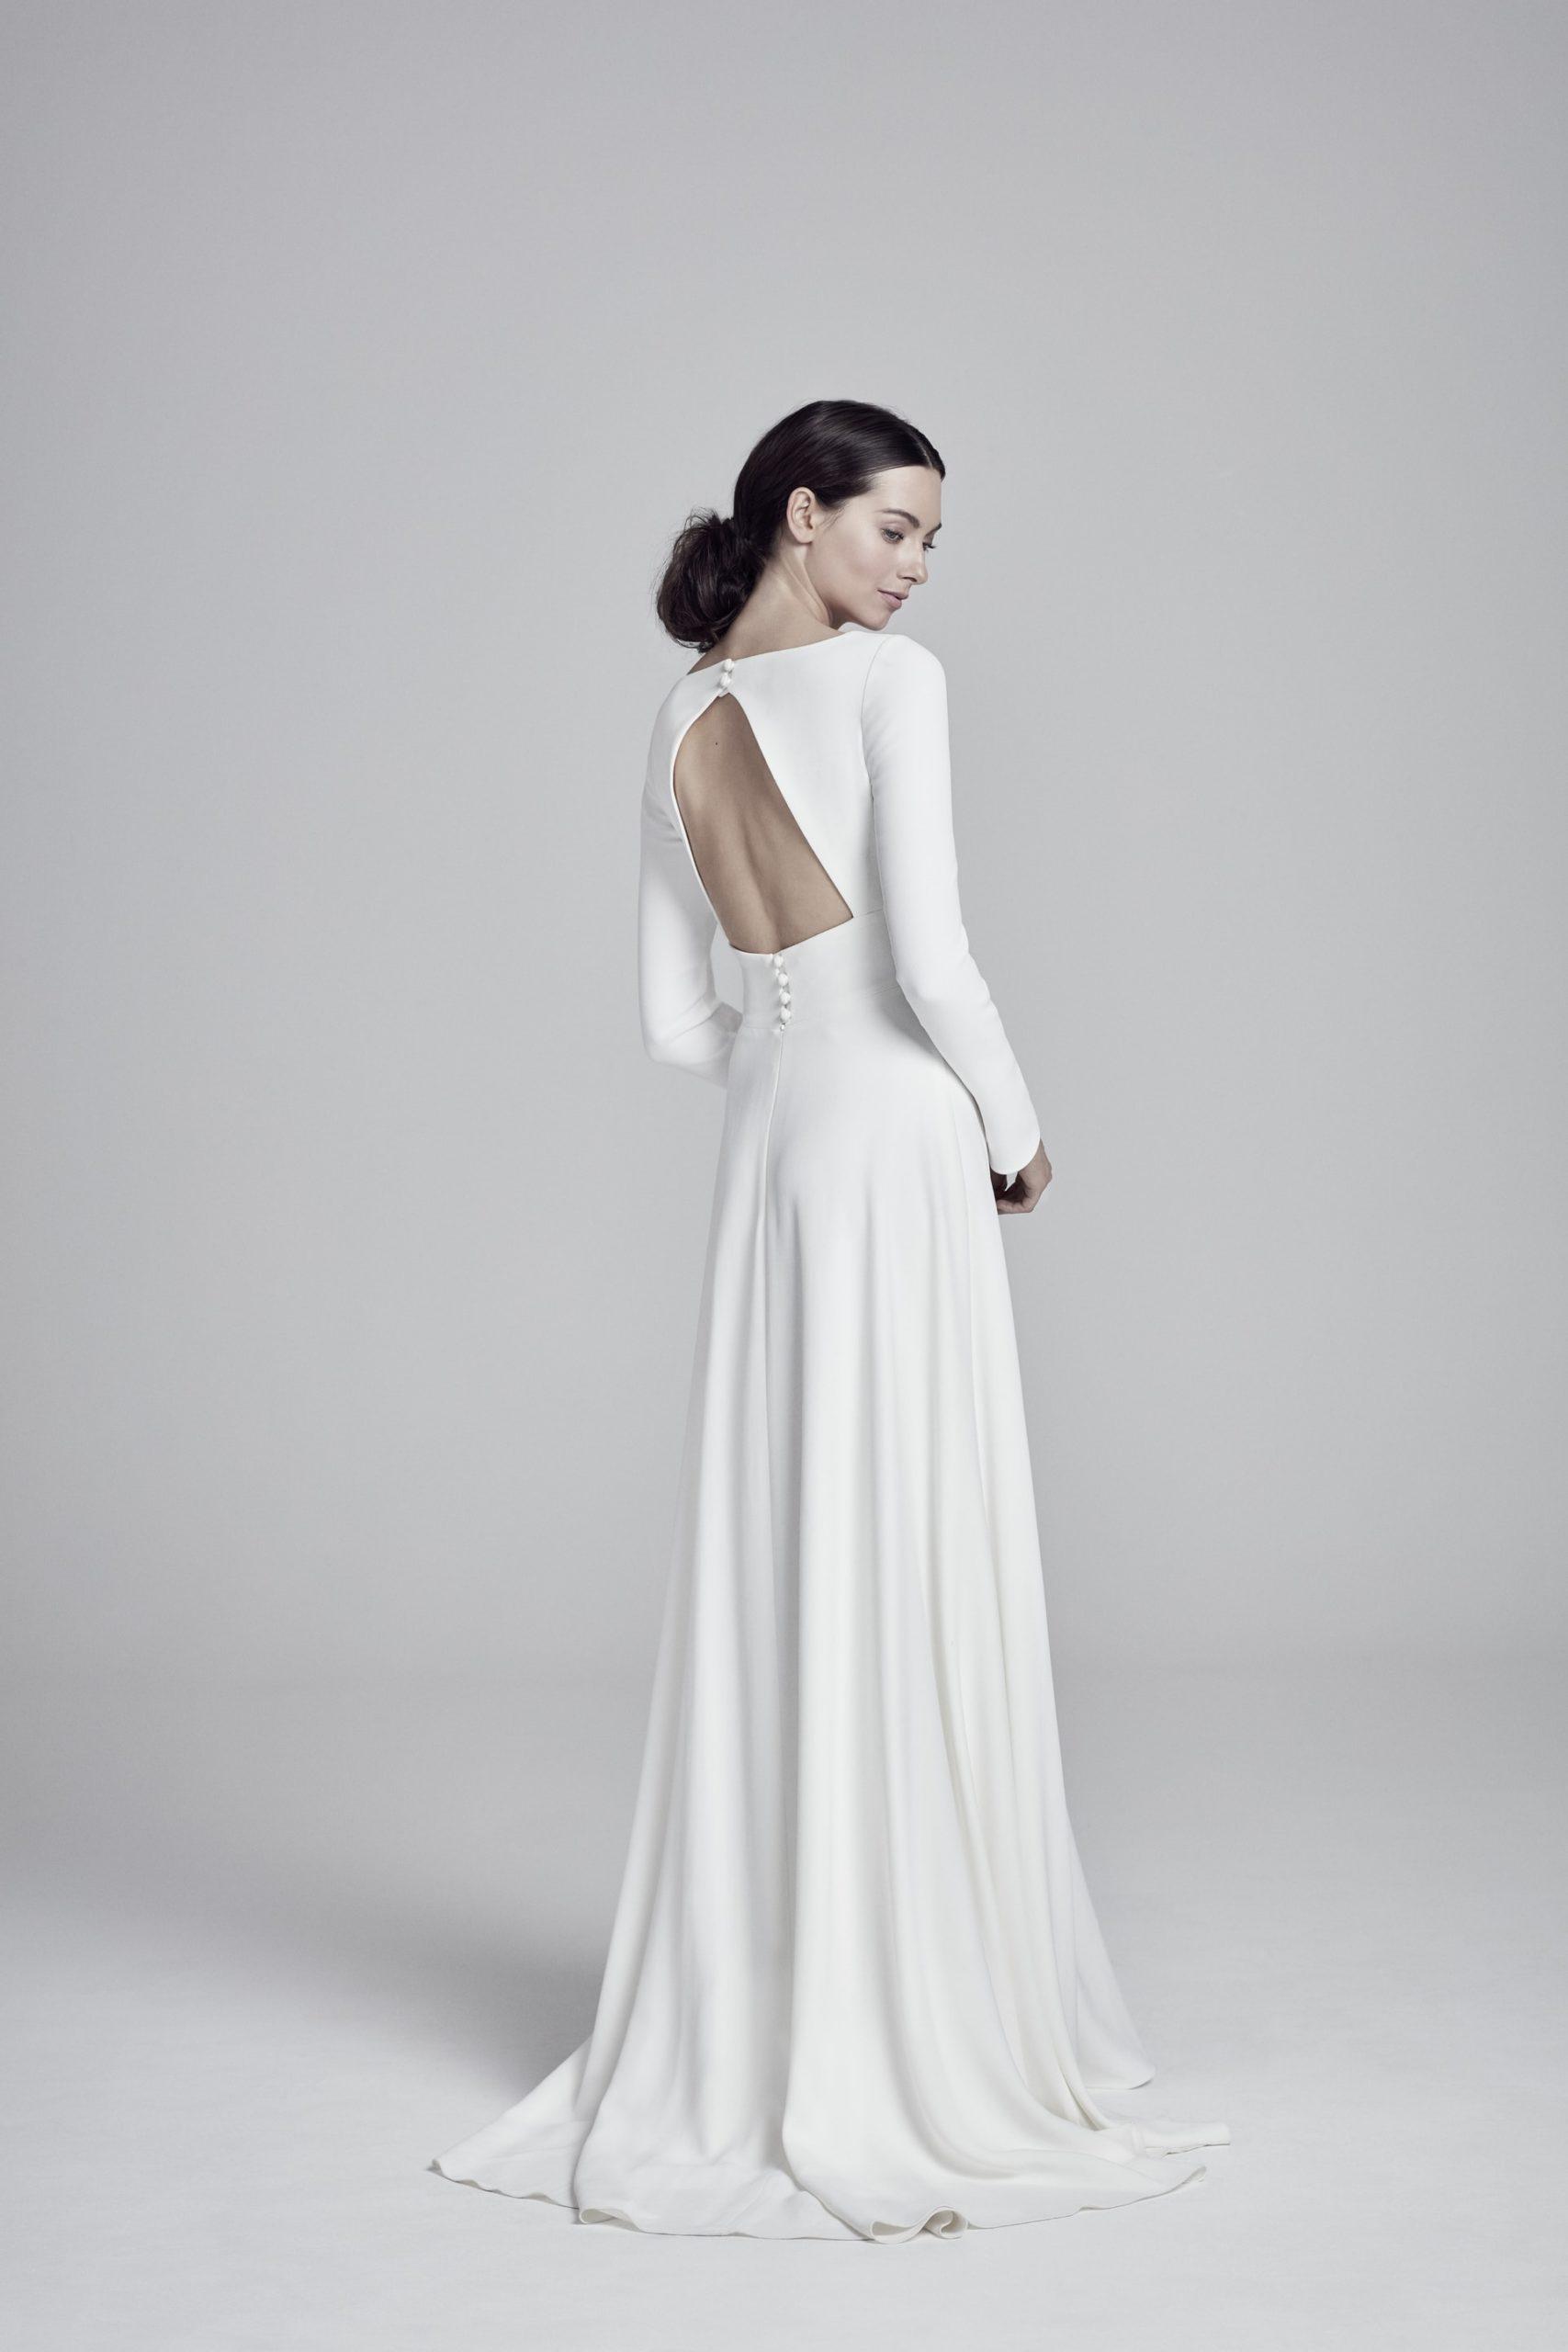 designer-wedding-dress-paris-suzanne-neville-adair